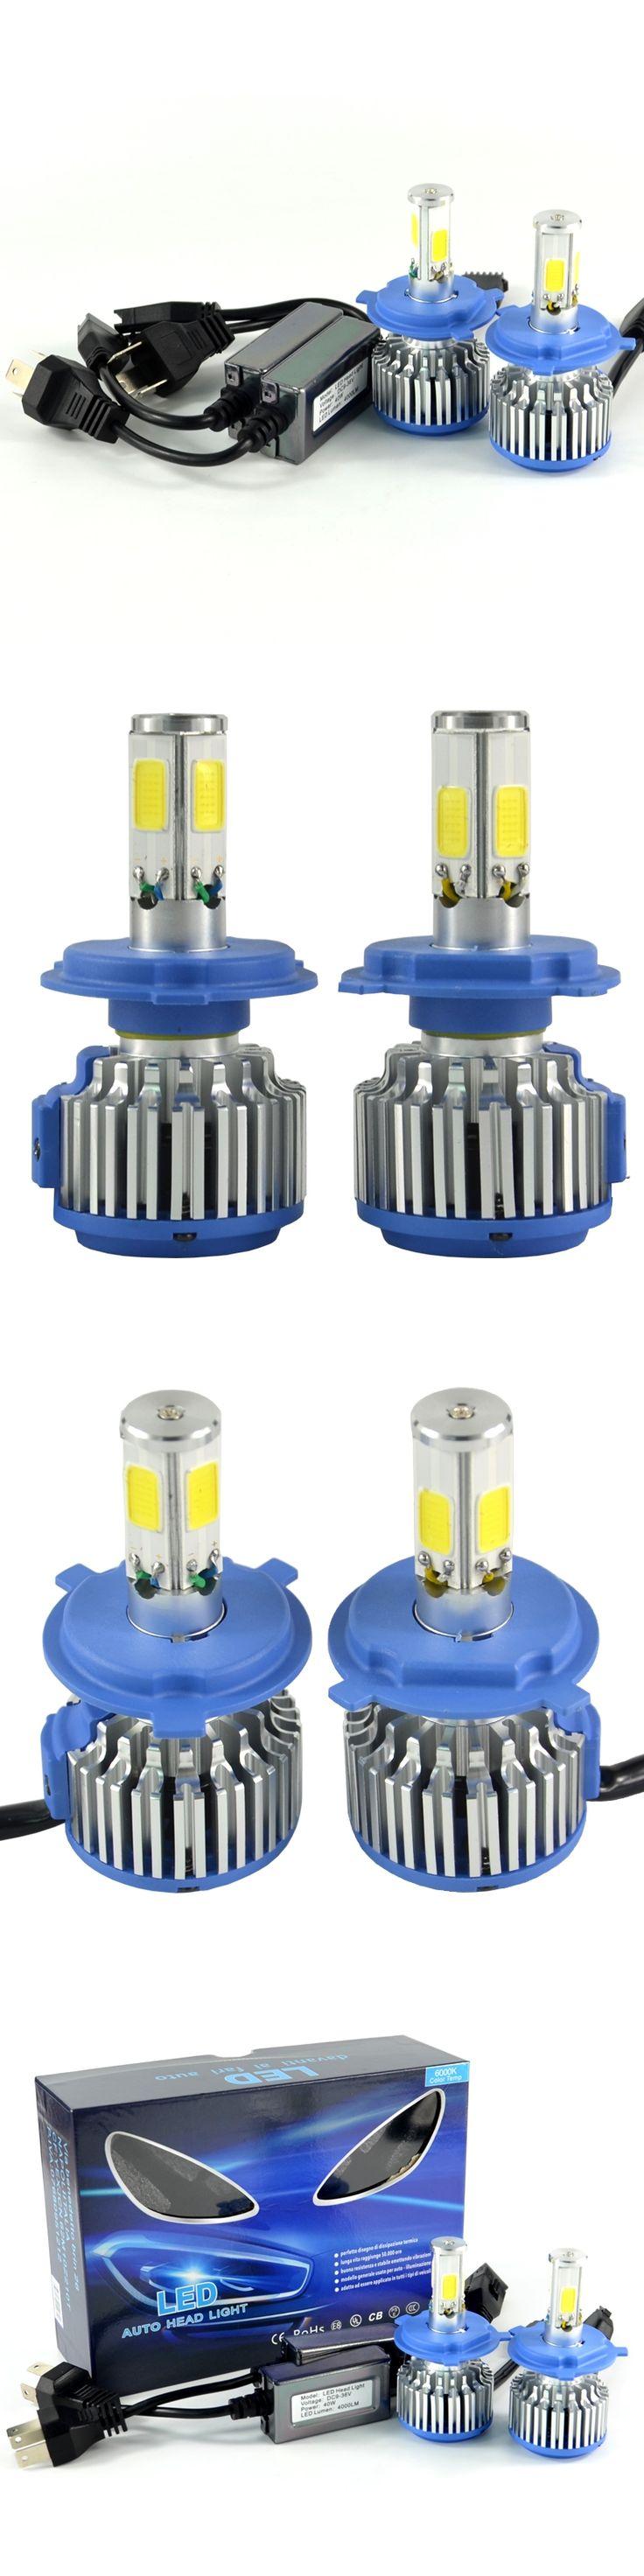 4-Sides 360Degrees 12V 2X40W 8000LM Superbright Car LED Headlights/ Auto Front Lamp H1/H3/H7/H8/H9/H11/H13/9005/9006/H4 LED Bulb